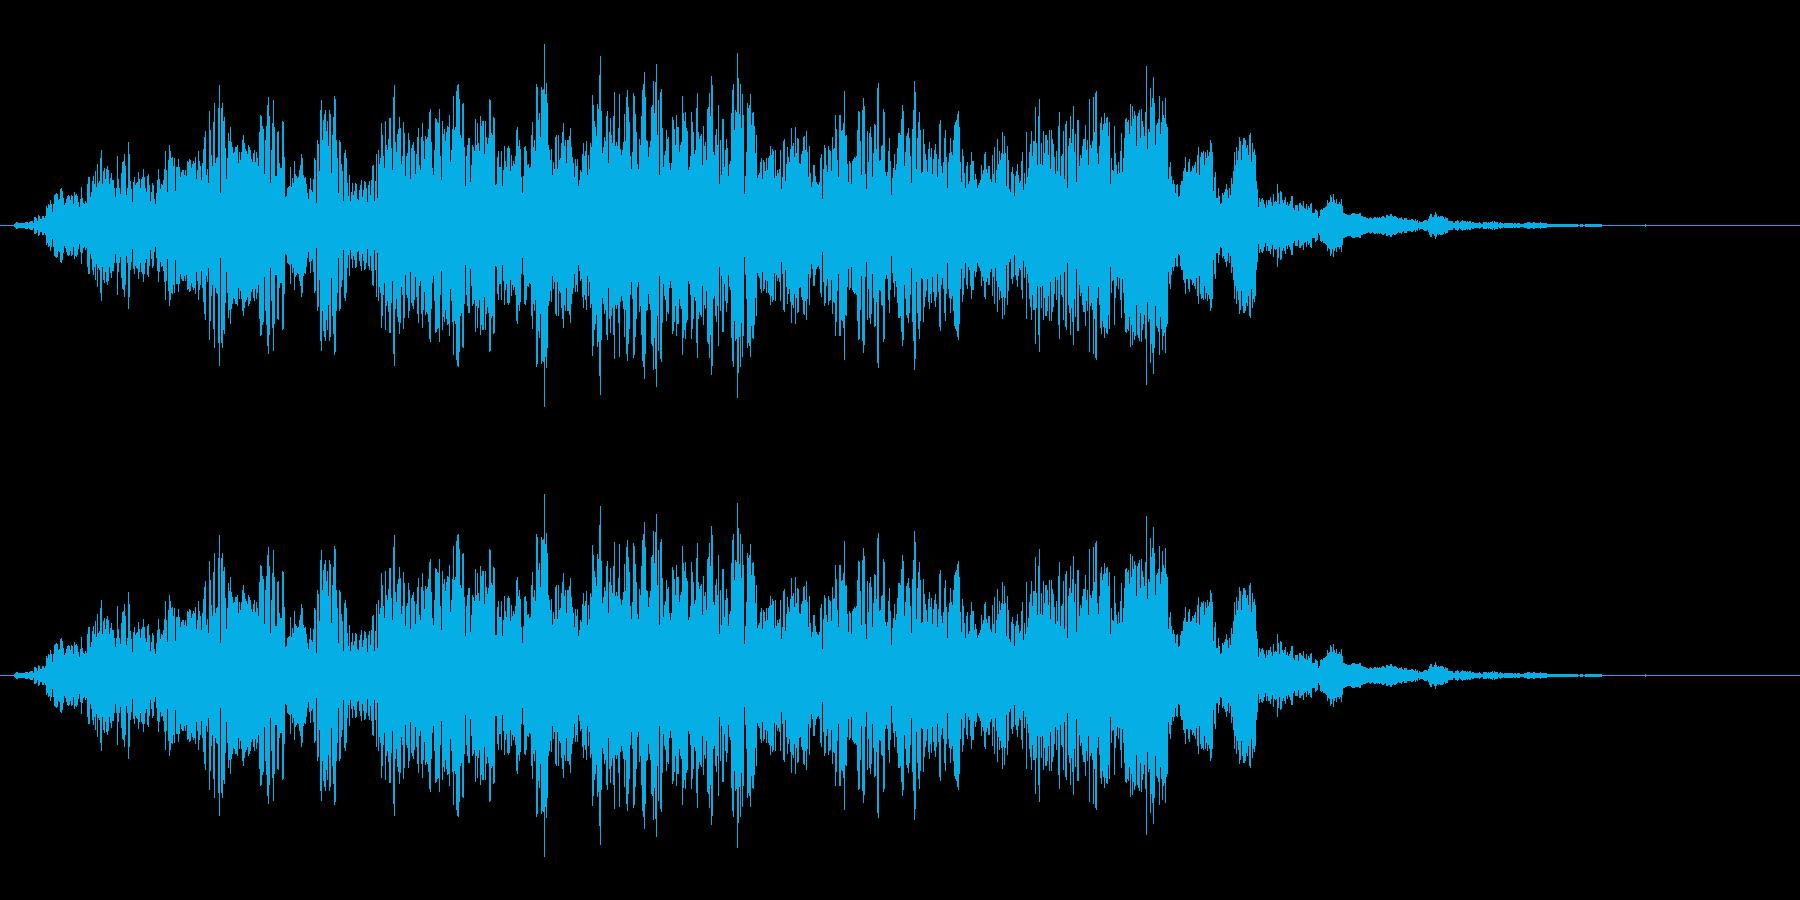 怖い音 奇妙 ホラーな不快な音 高めの再生済みの波形